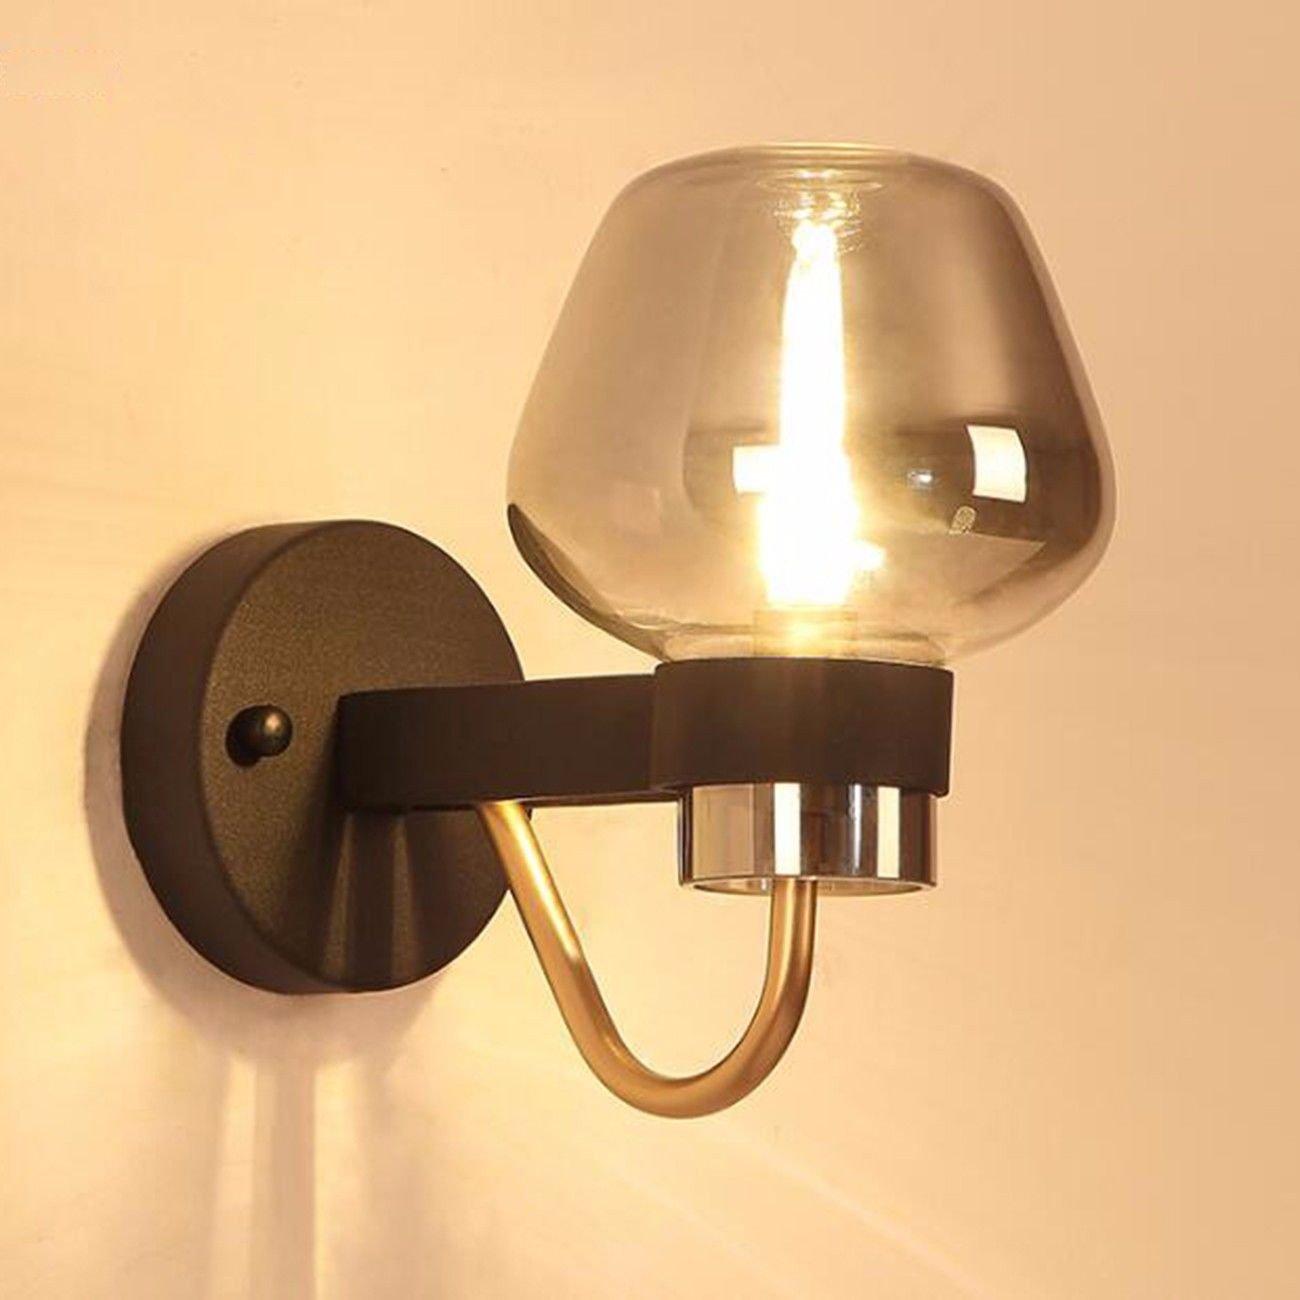 T-ZBDZ Wandlampe Wohnzimmer Schlafzimmer Wand Lampe Designer industrielle Wind magische Bohne moderne Nachttisch Wandlampe, A